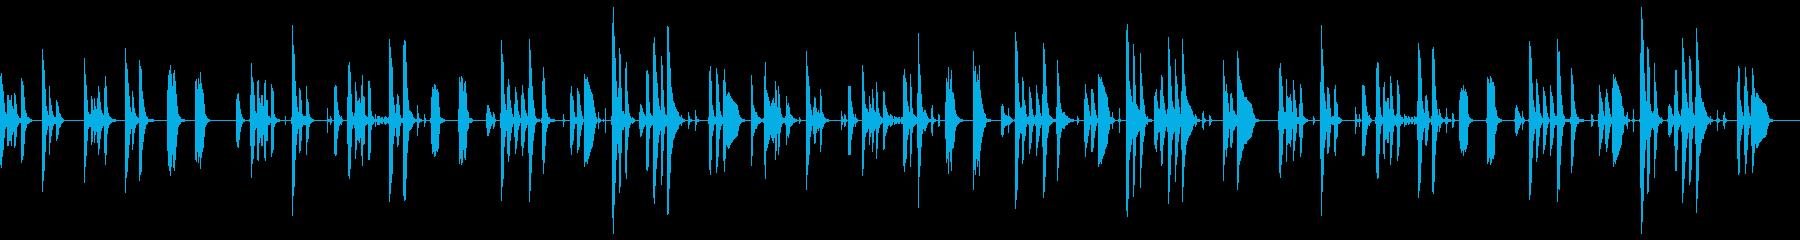 脱力感のあるほのぼの日常の再生済みの波形